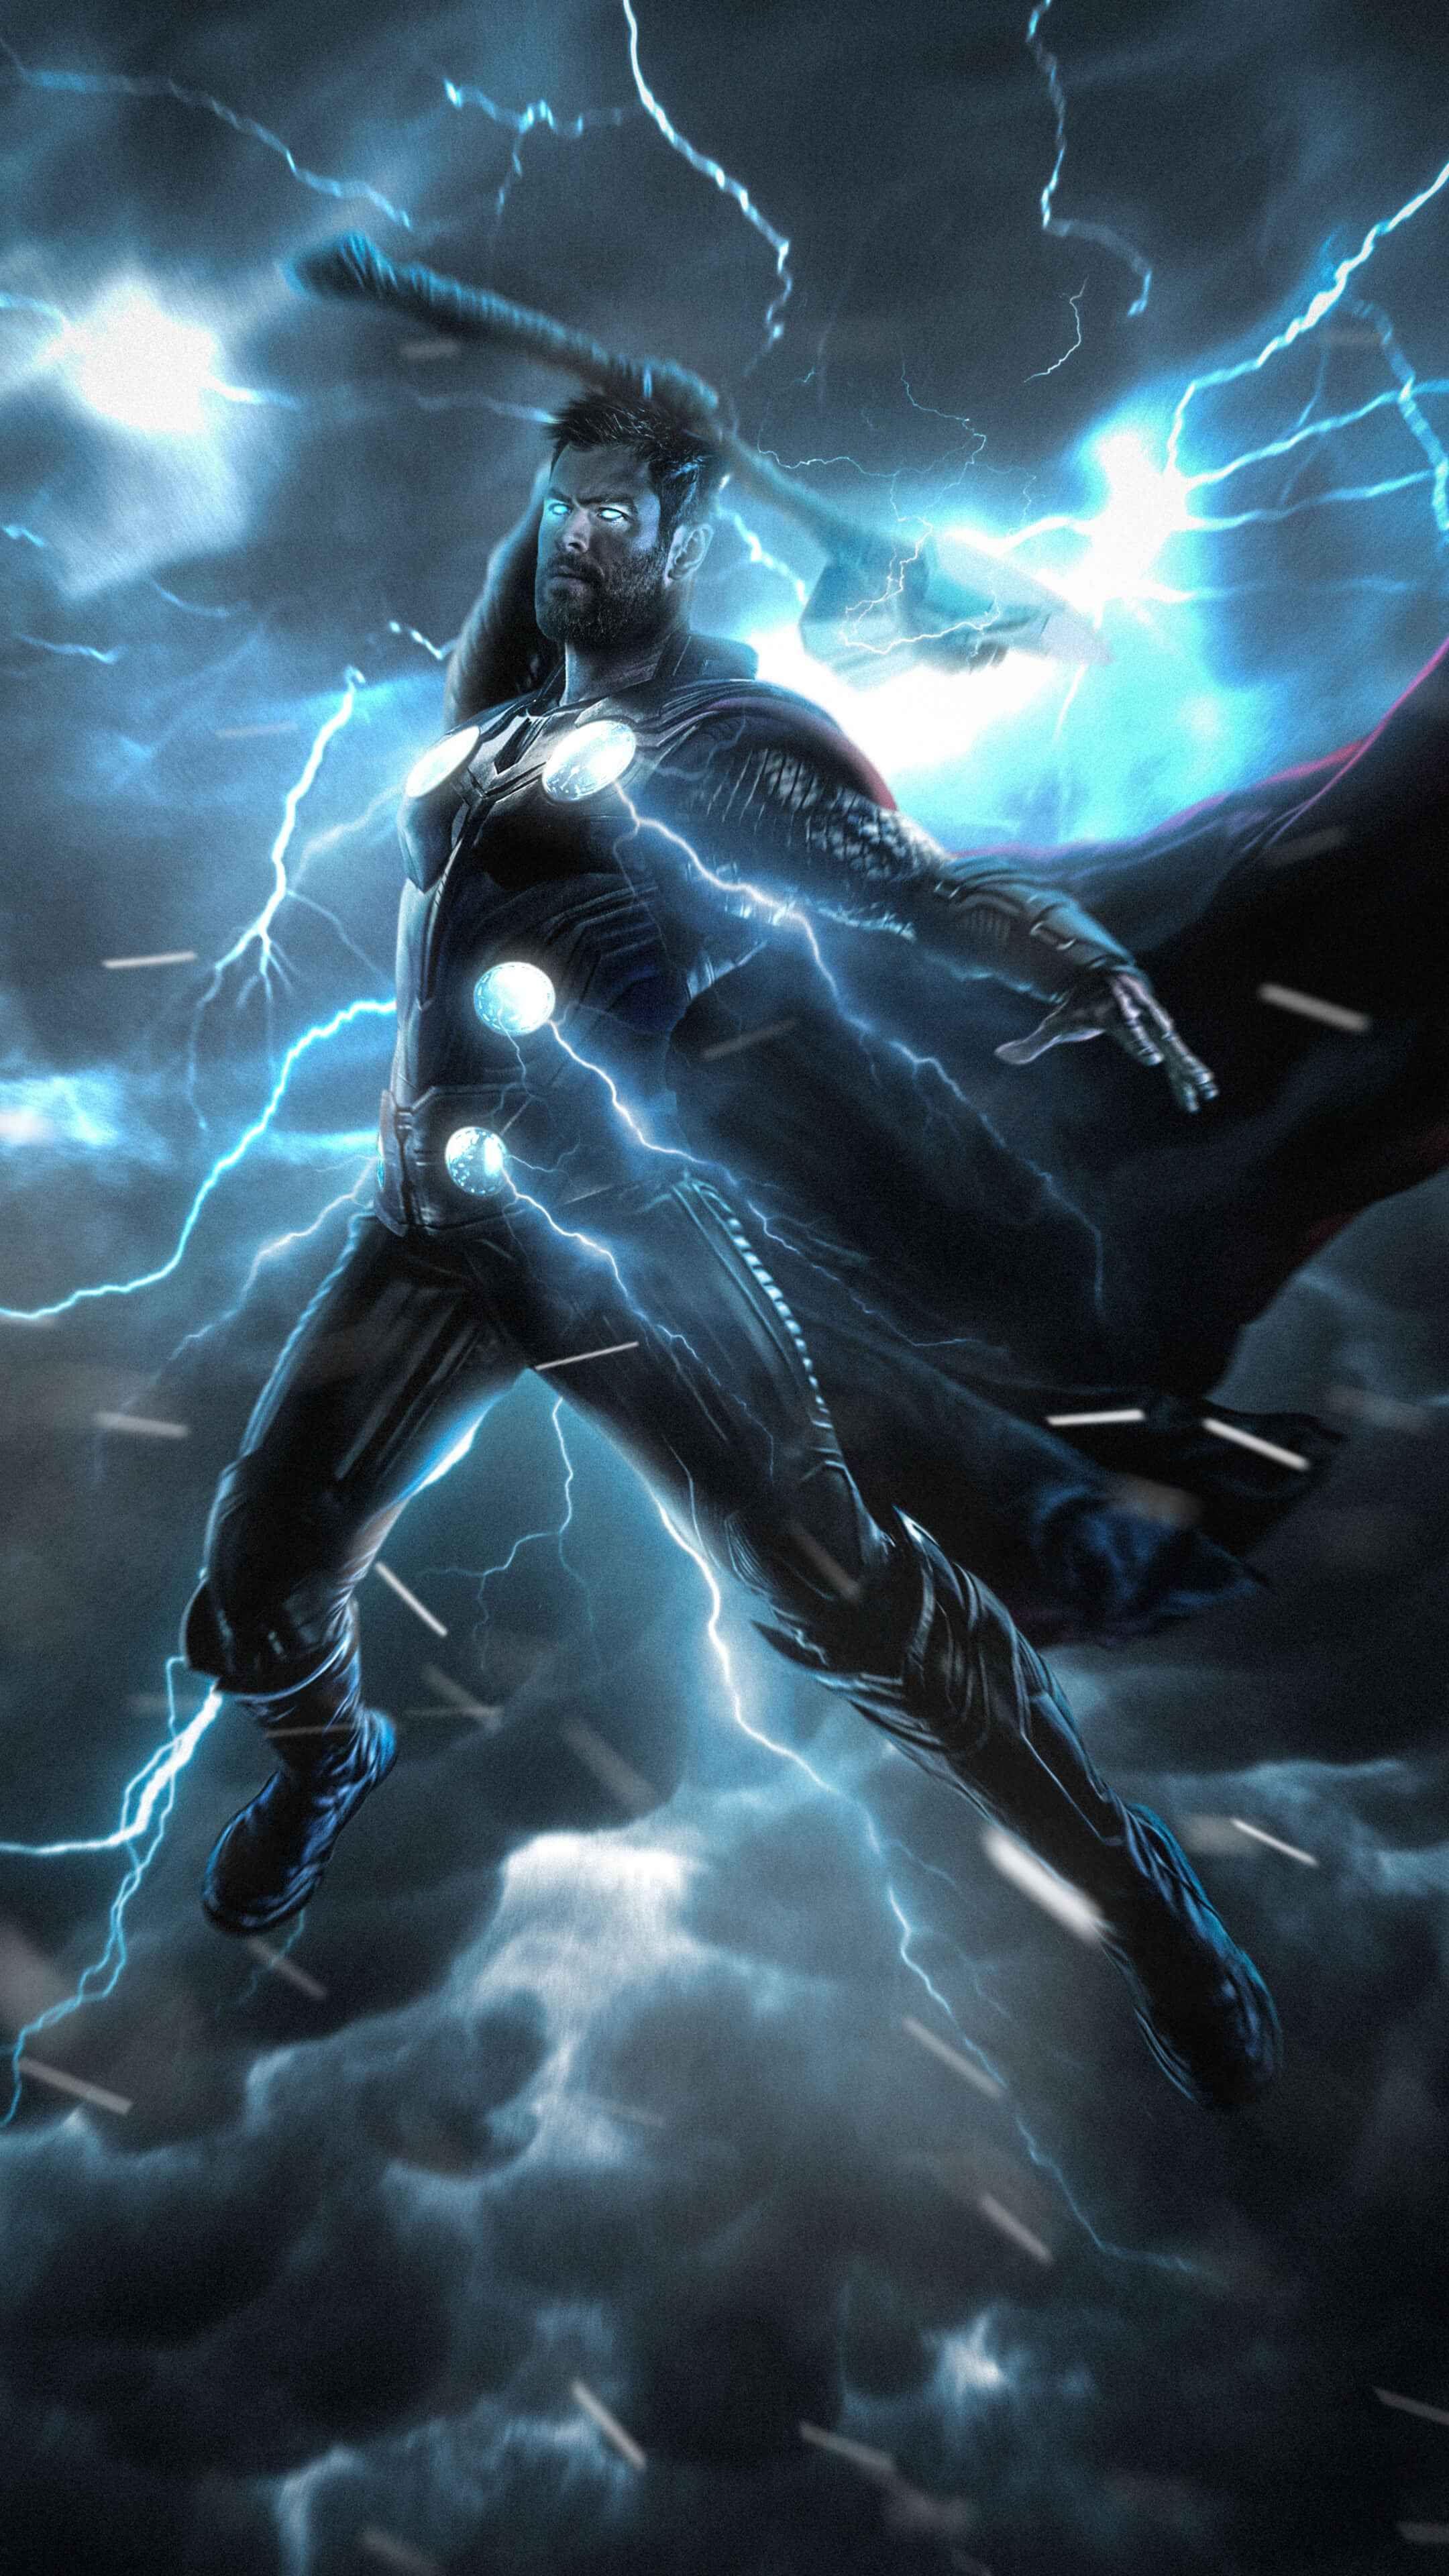 Avengers Endgame Thor Stormbreaker iPhone Wallpaper Thor